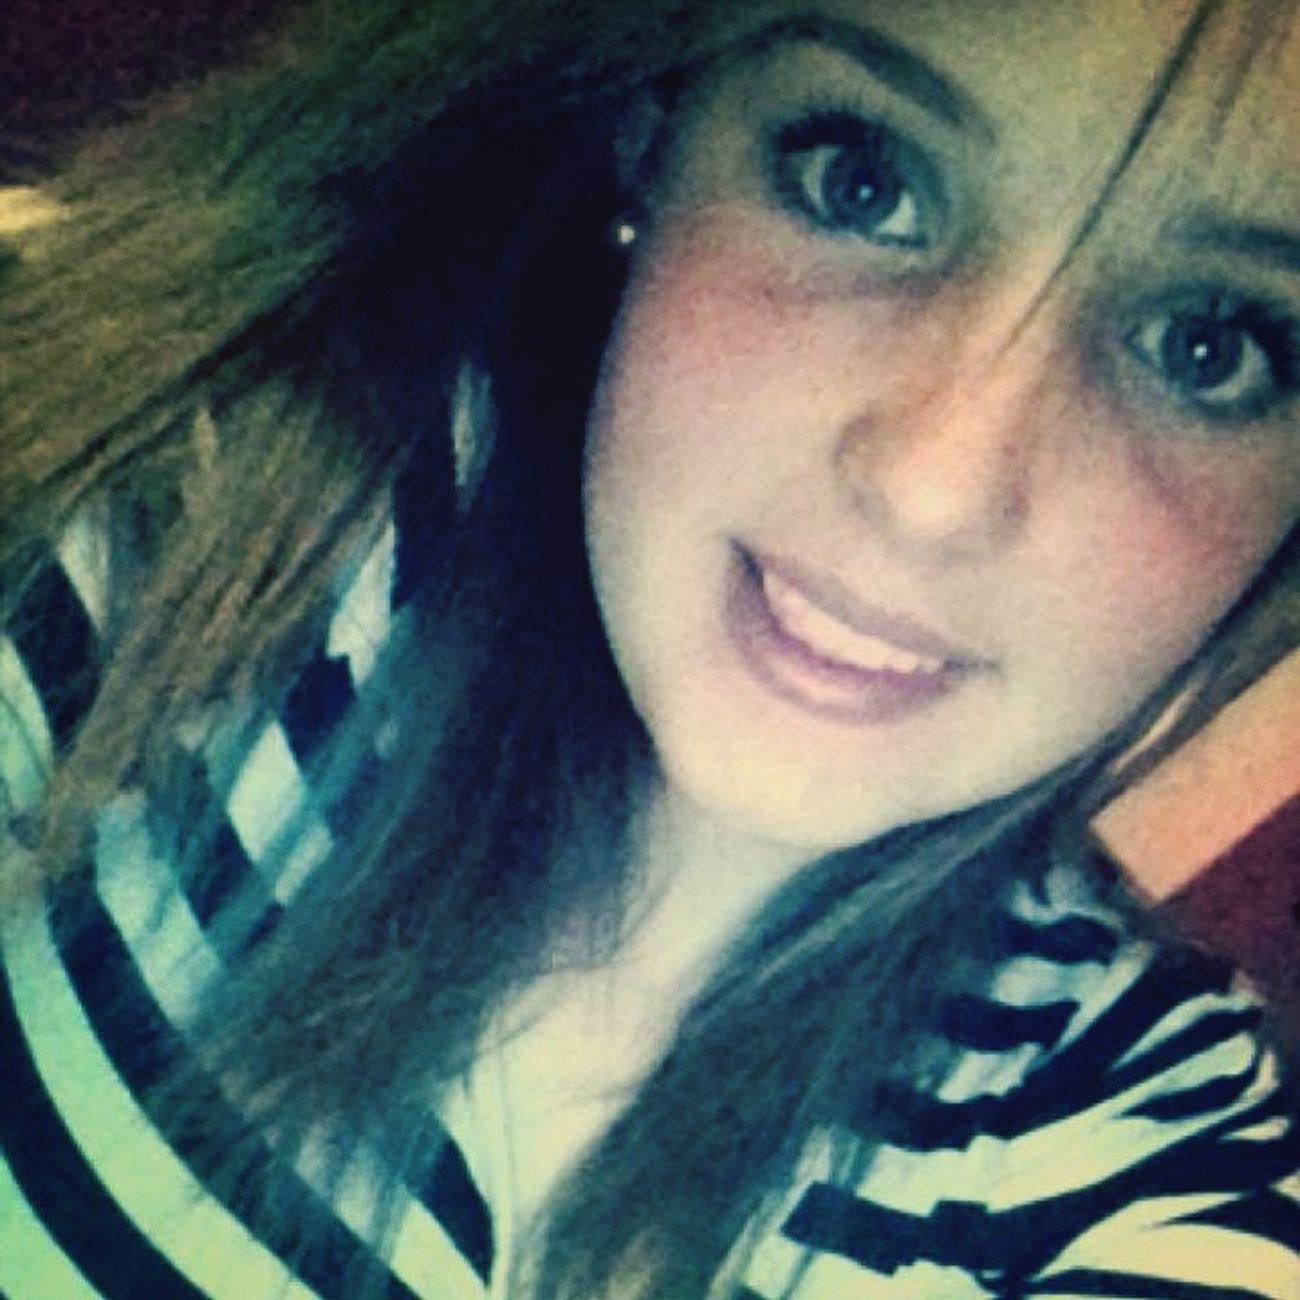 Je ne sais plus si je déteste t'aimer ou si j'aime te détester.